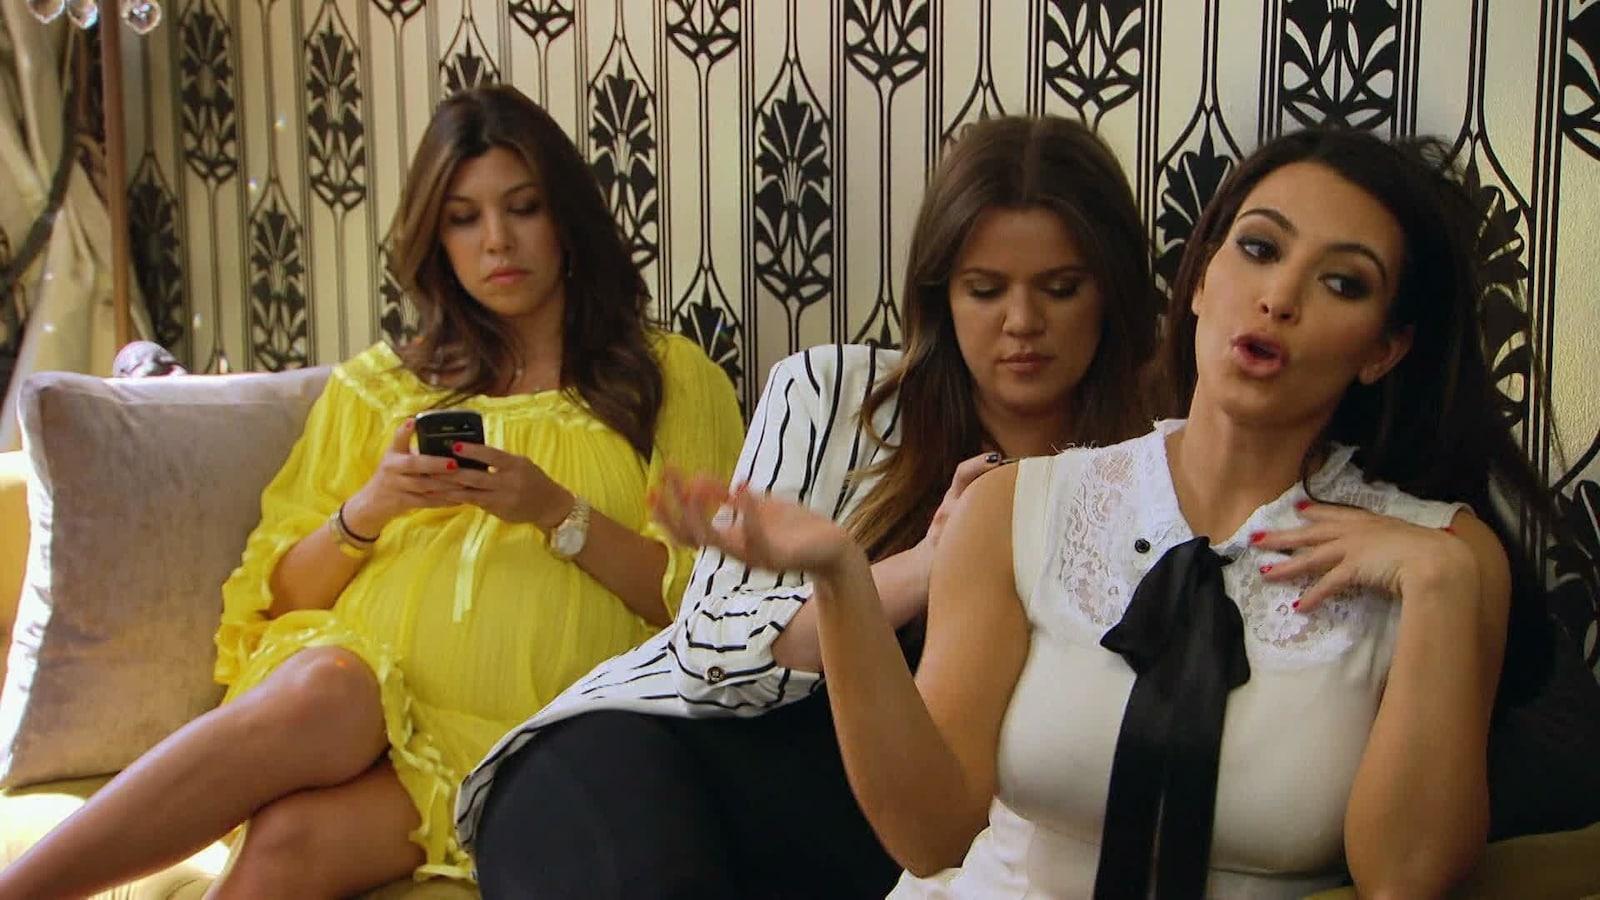 15. Kardashian Therapy, Pt. 1